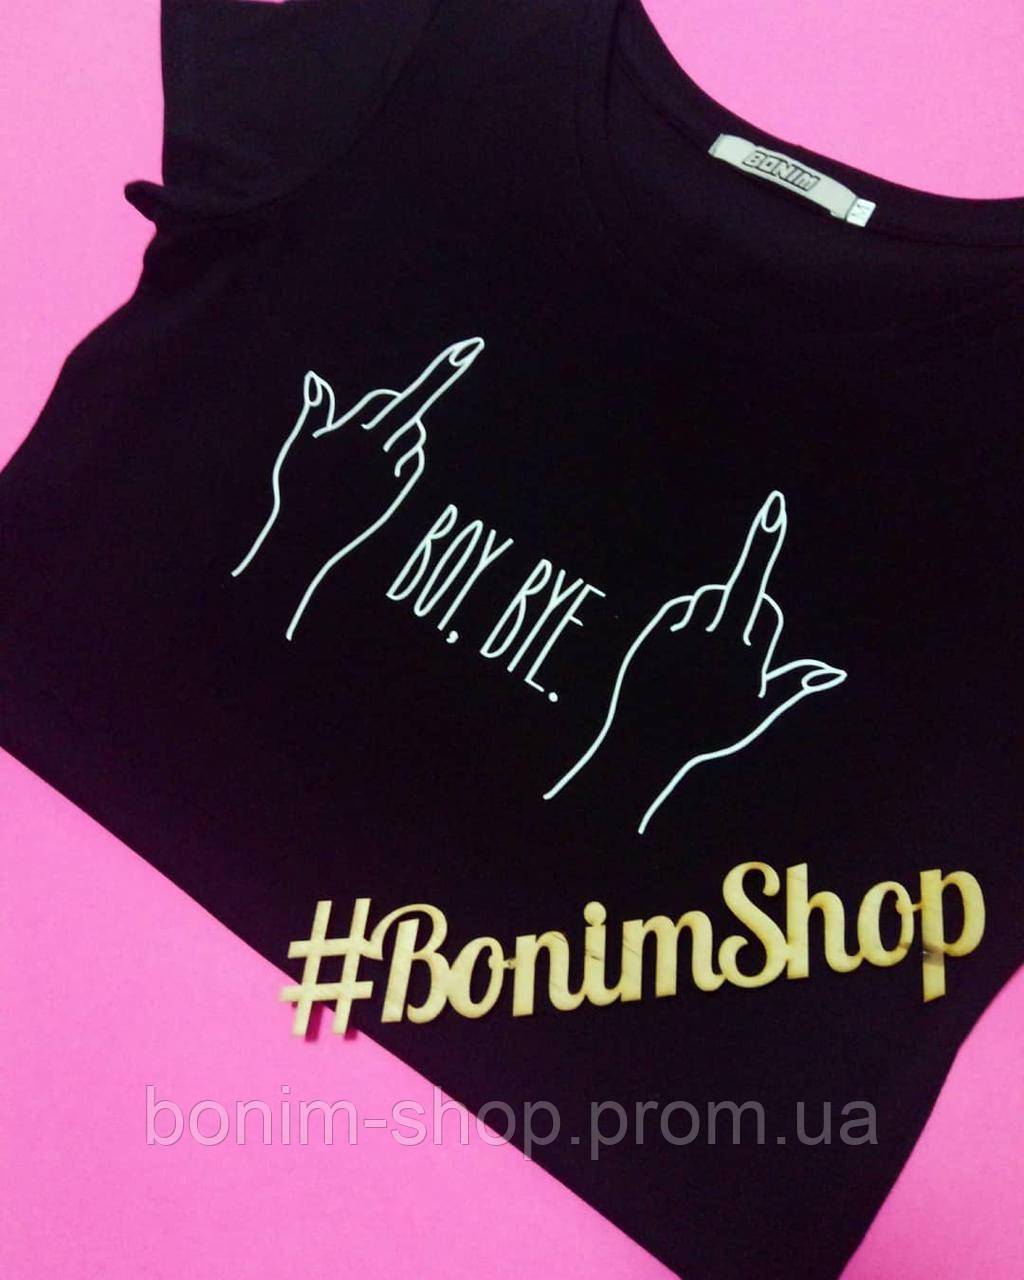 Черная женская футболка с принтом Boy, bye